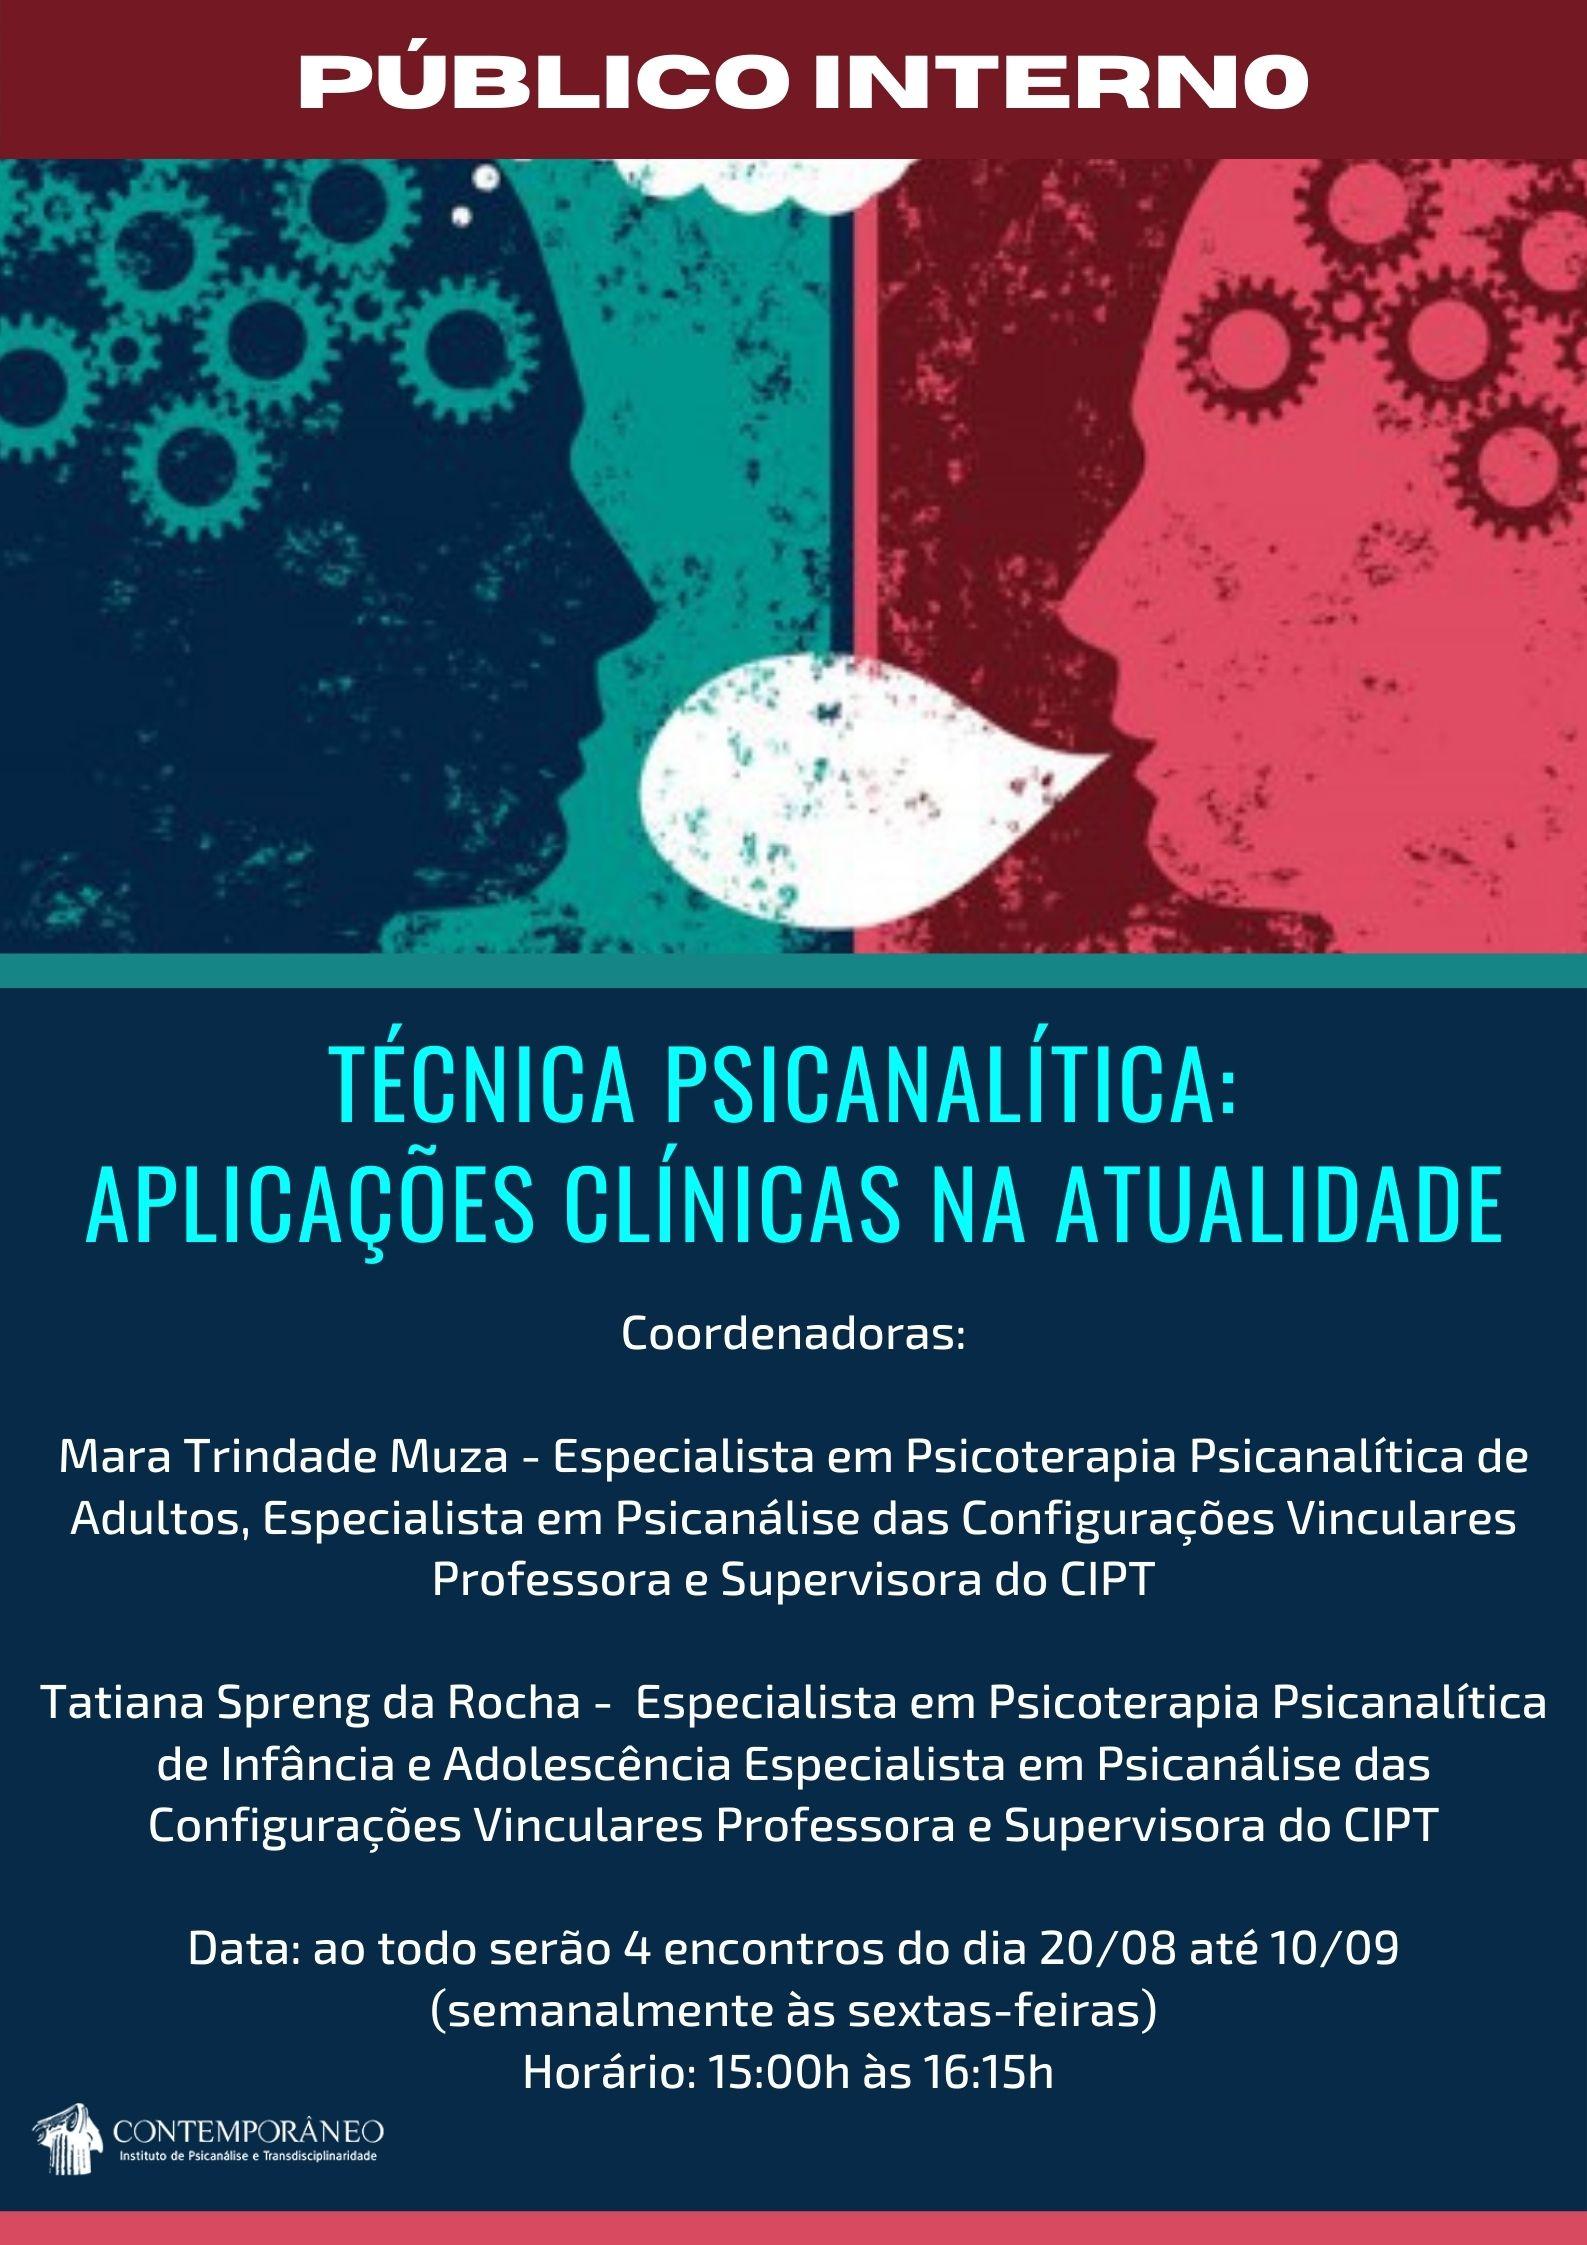 Curso para Técnica Psicanalítica: Aplicações Clínicas na Atualidade - Público Interno